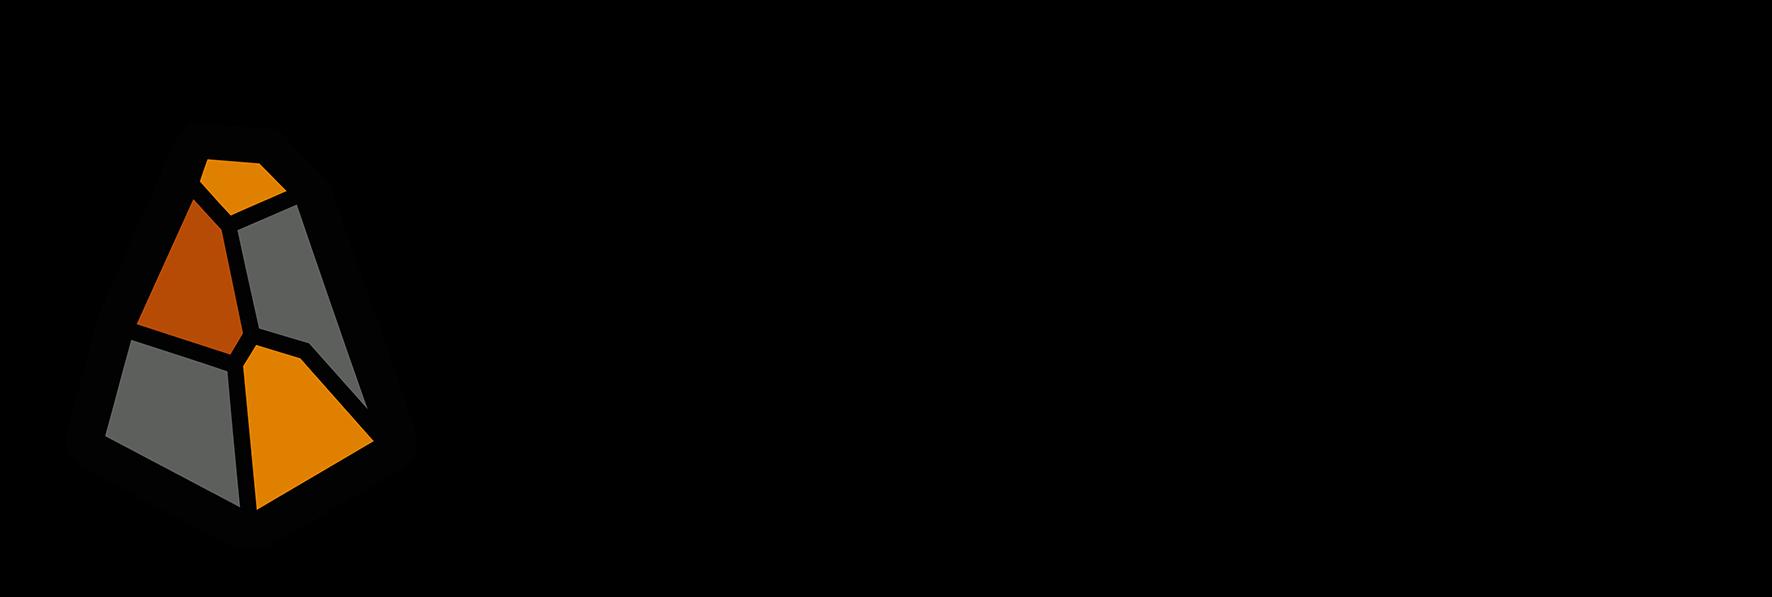 Haxonite